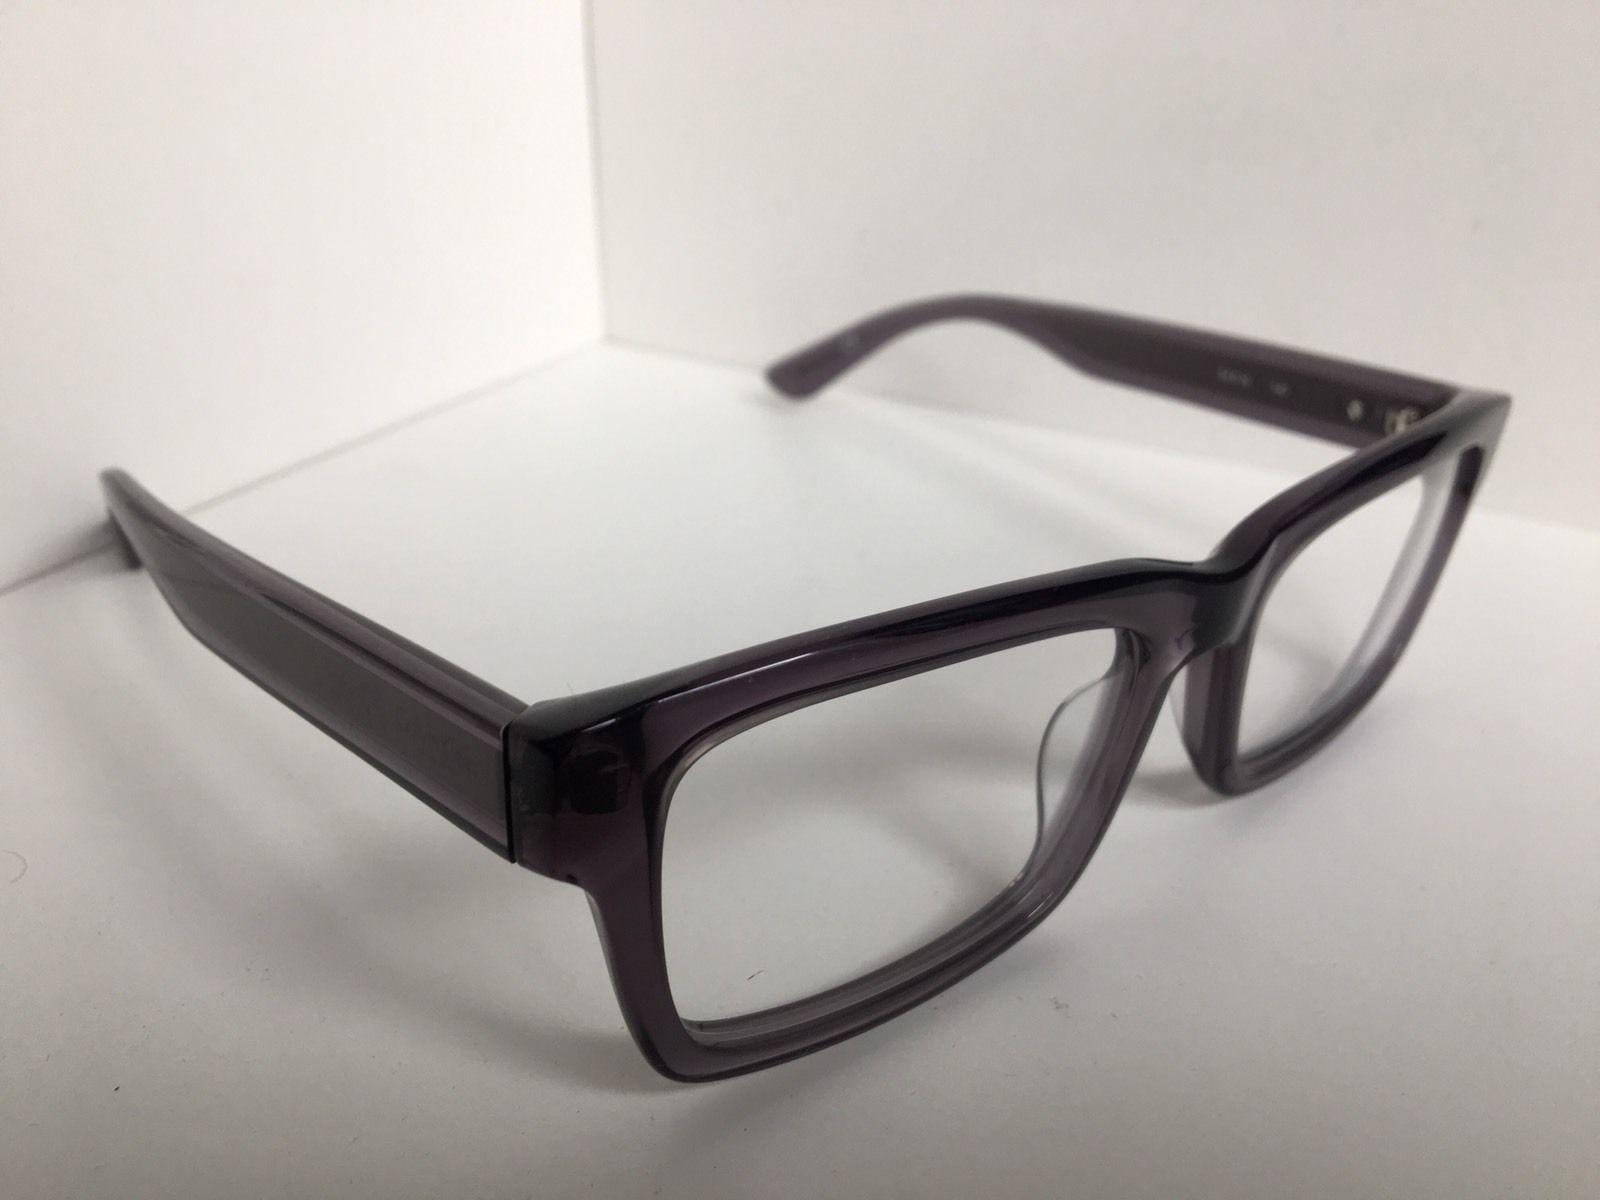 New Calvin Klein CK 7920 011 54mm Gray Eyeglasses Frame